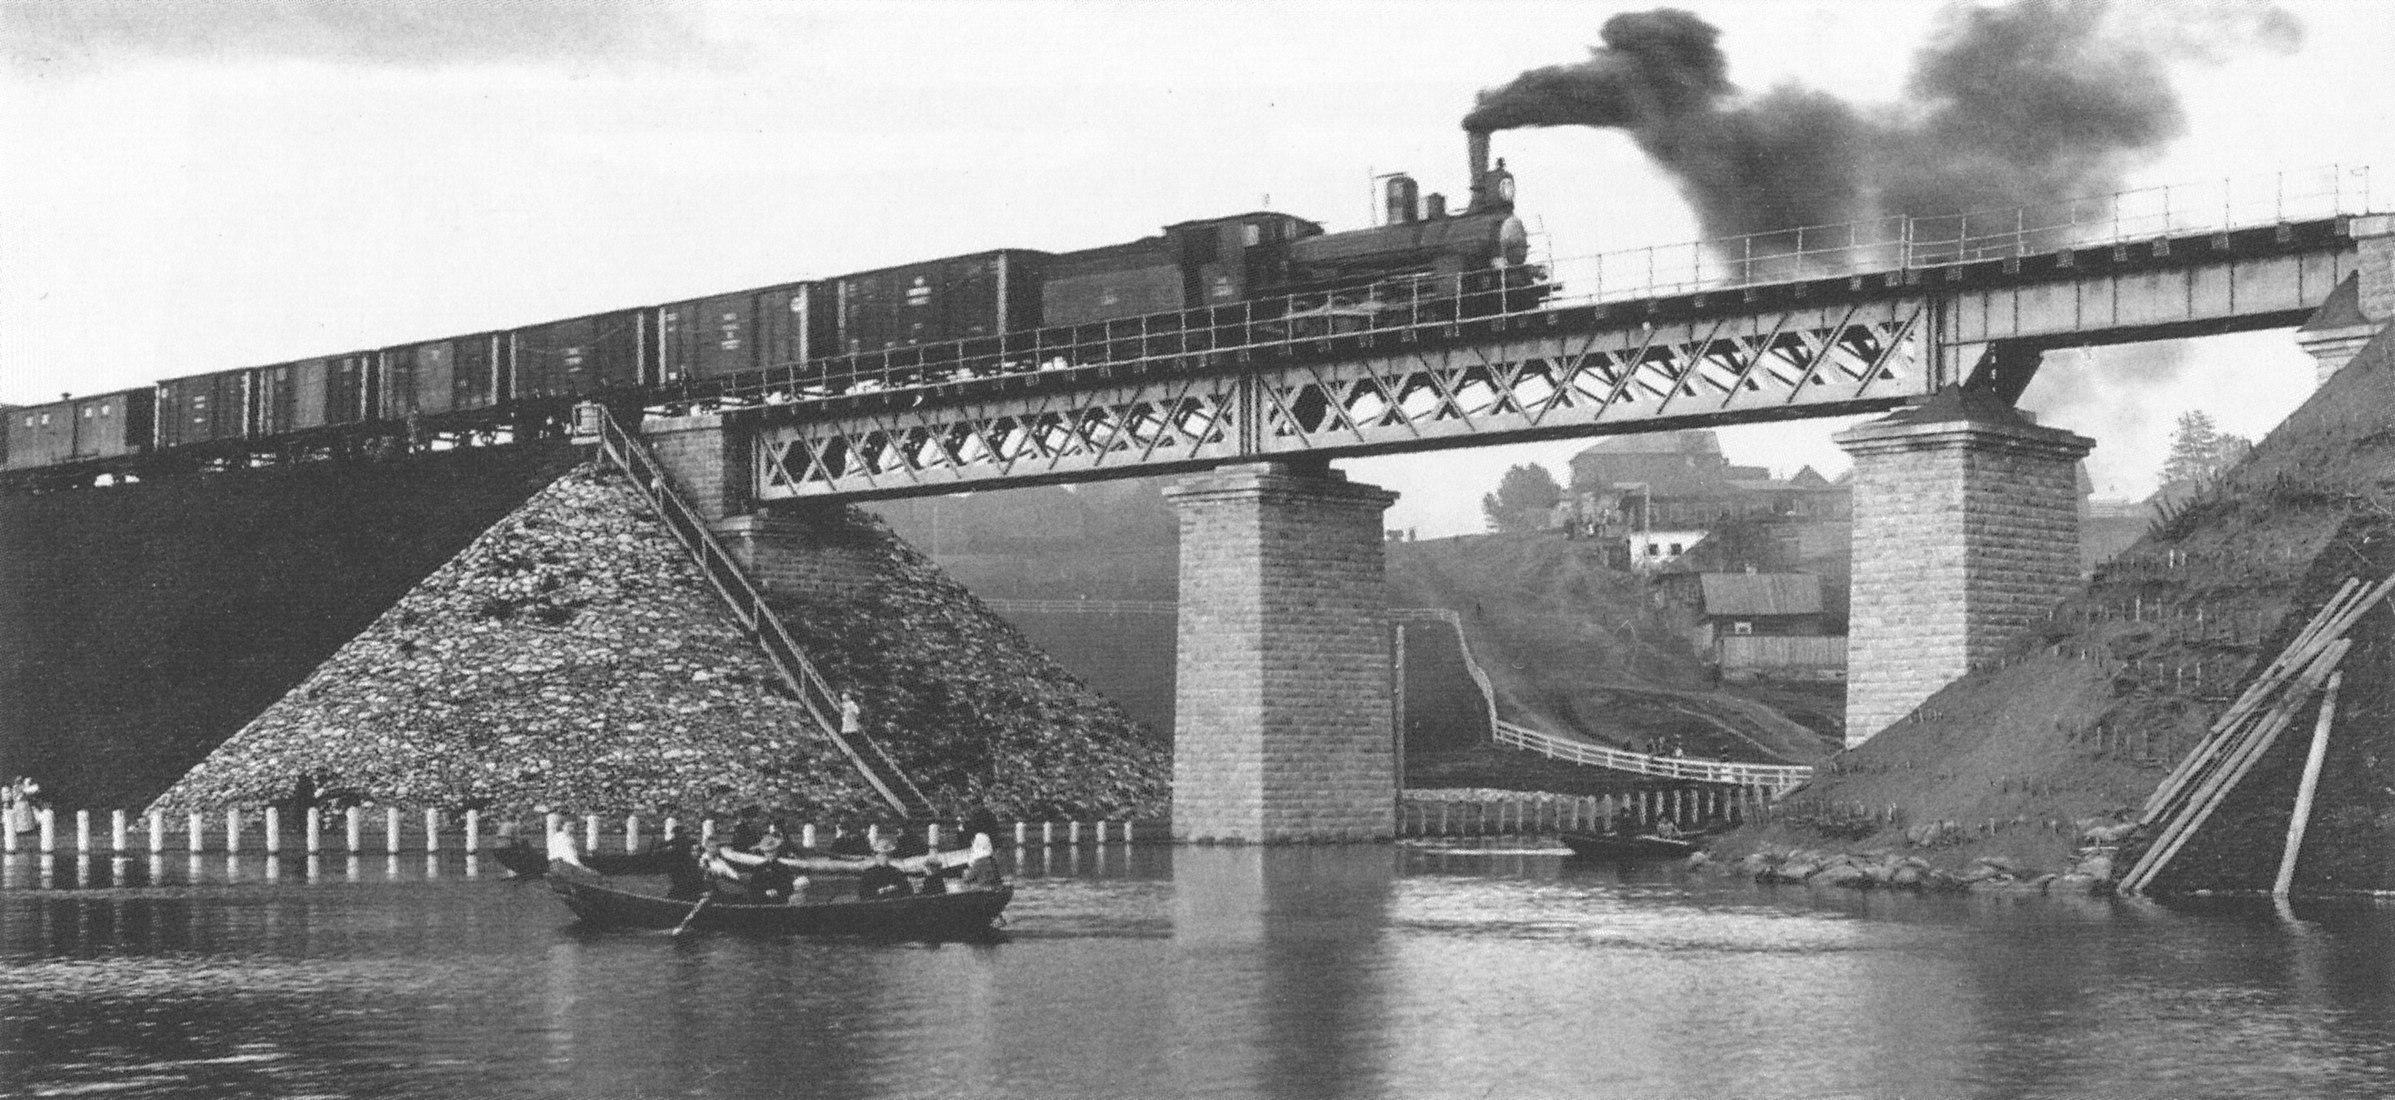 Окрестности Перми. Железнодорожный мост через реку Данилиха